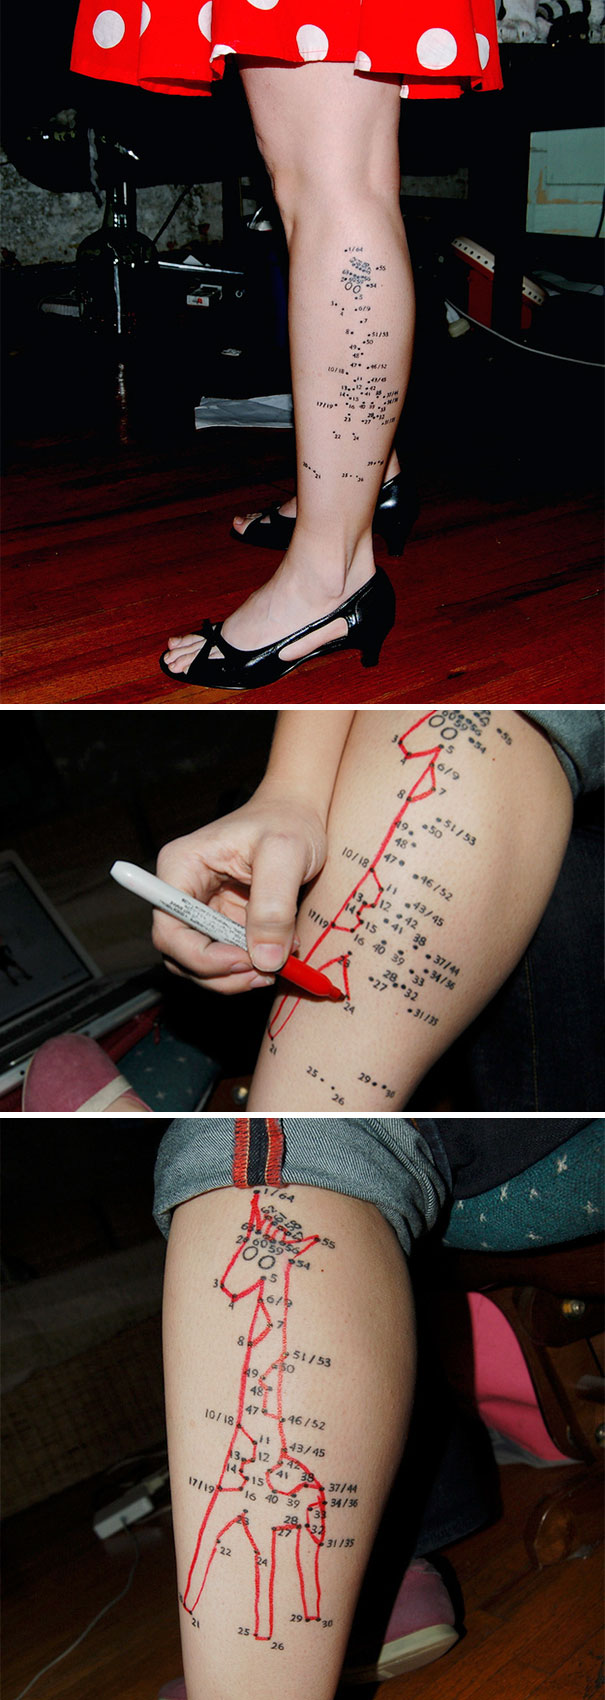 tatuaggi-significati-nascosti-esempi-foto-12